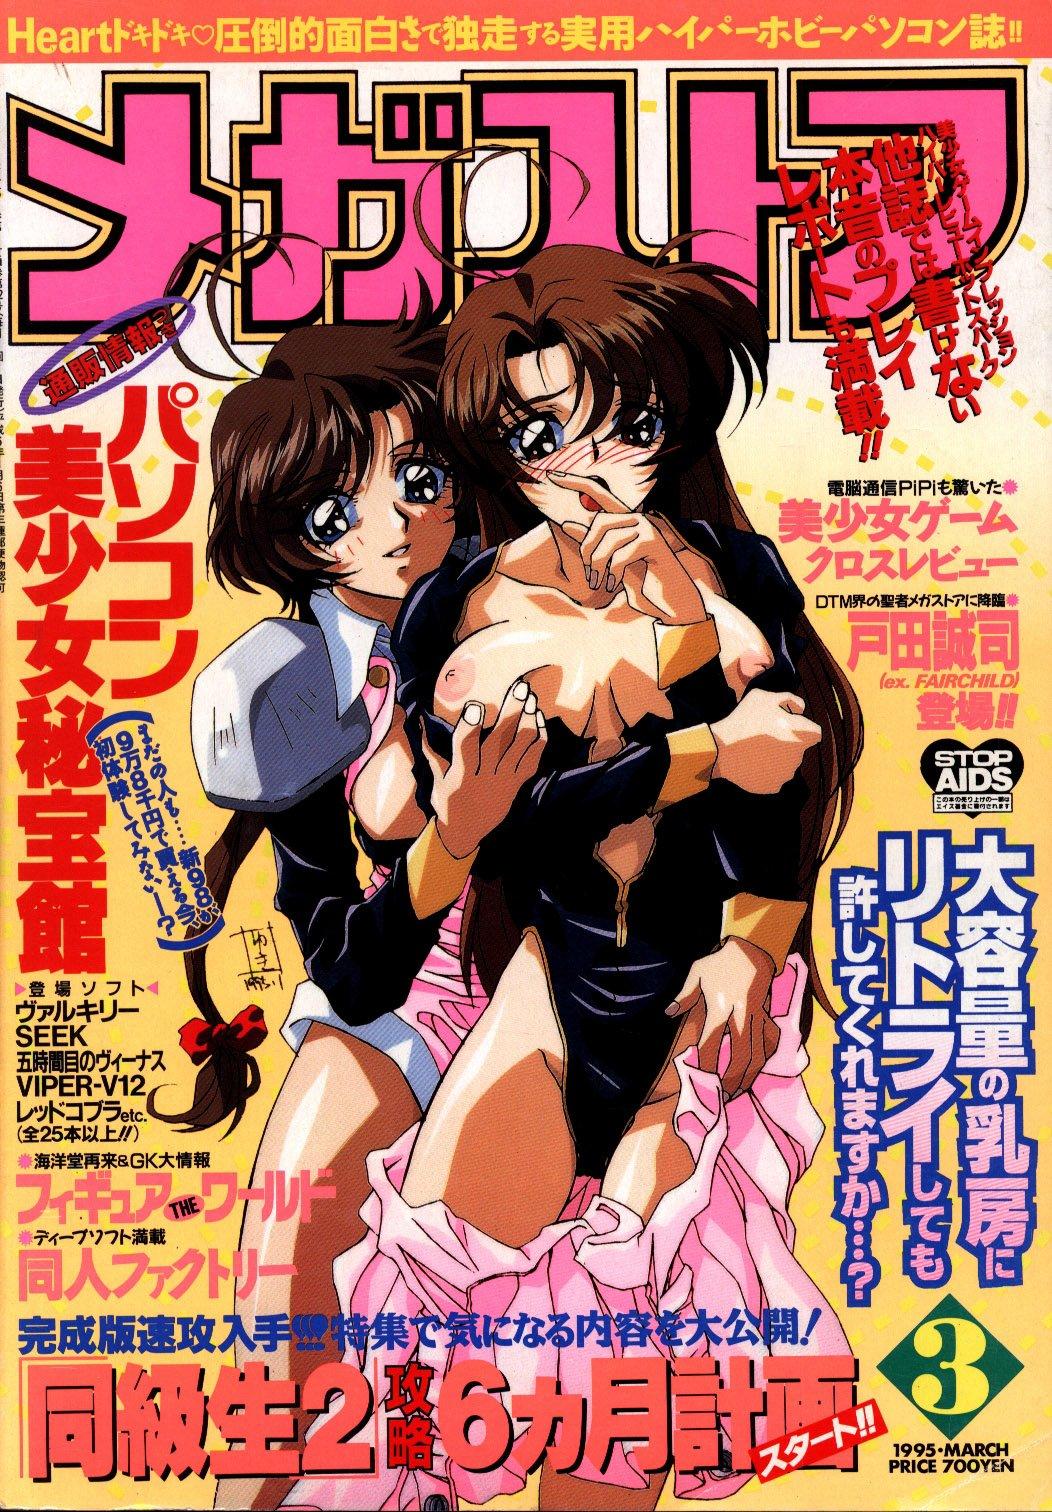 MegaStore 023 (March 1995)